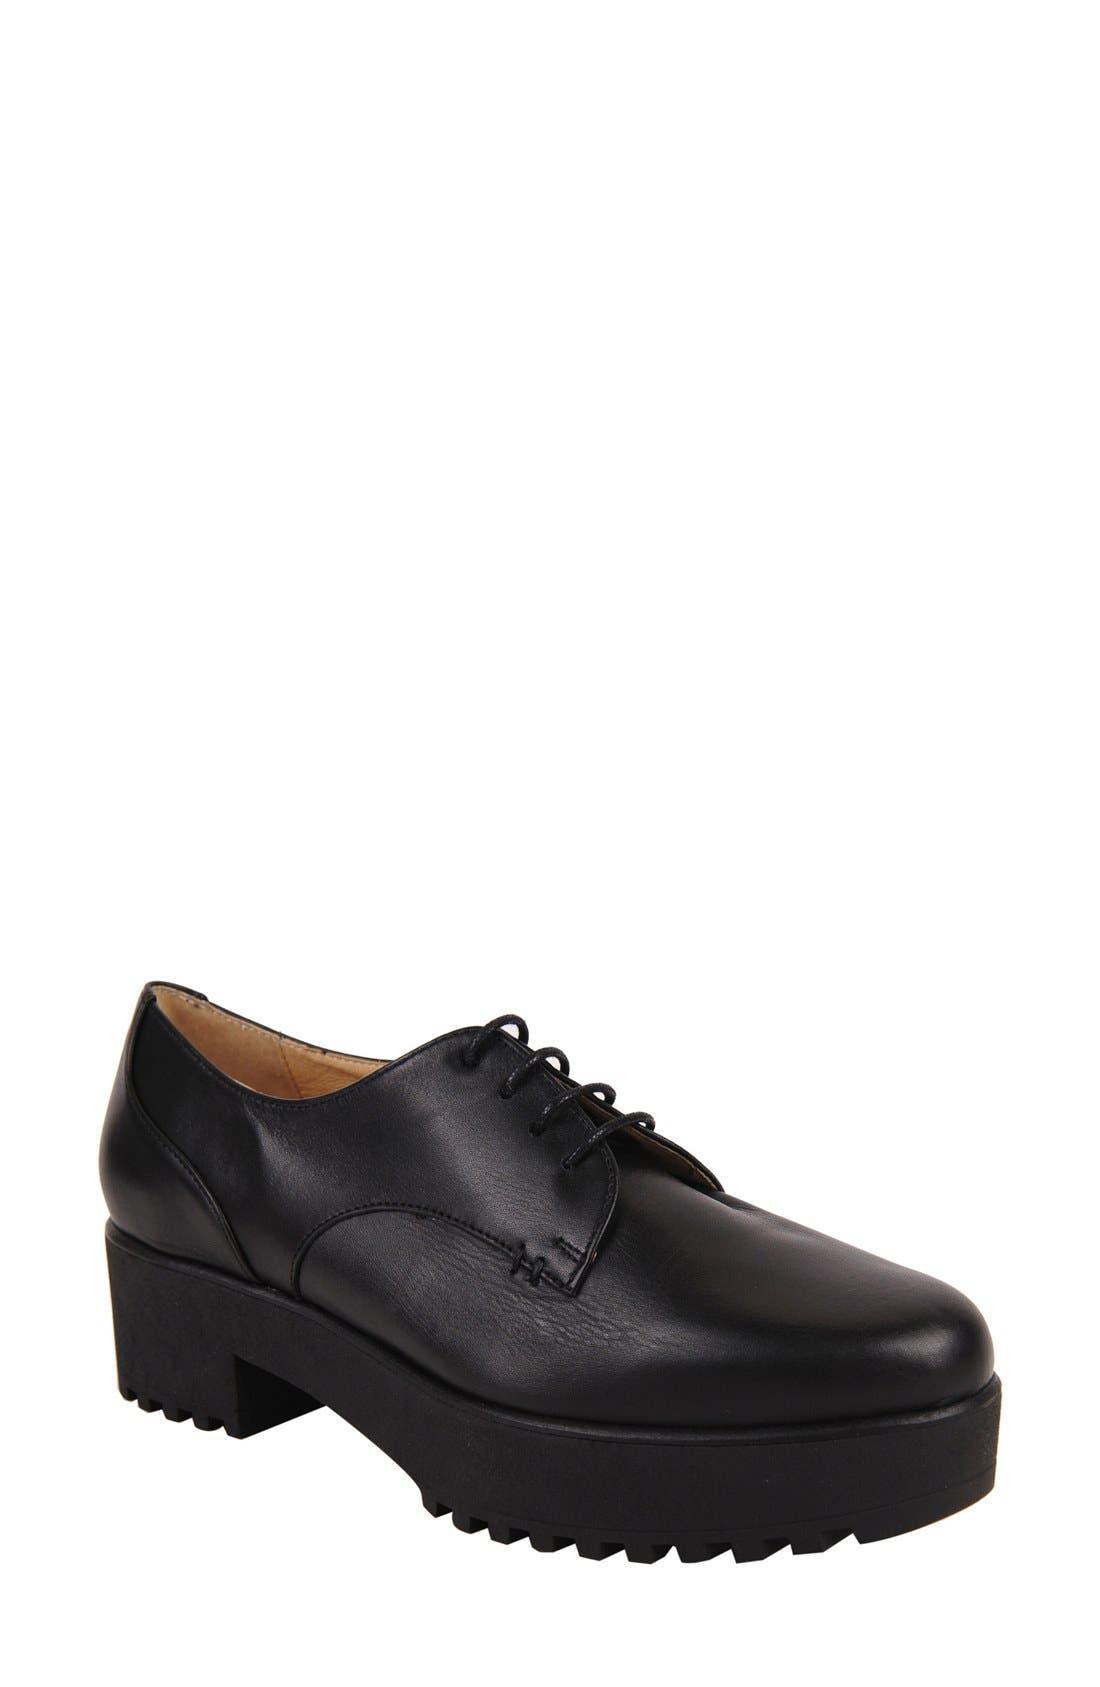 Andrea Lug Oxford,                         Main,                         color, Black Leather